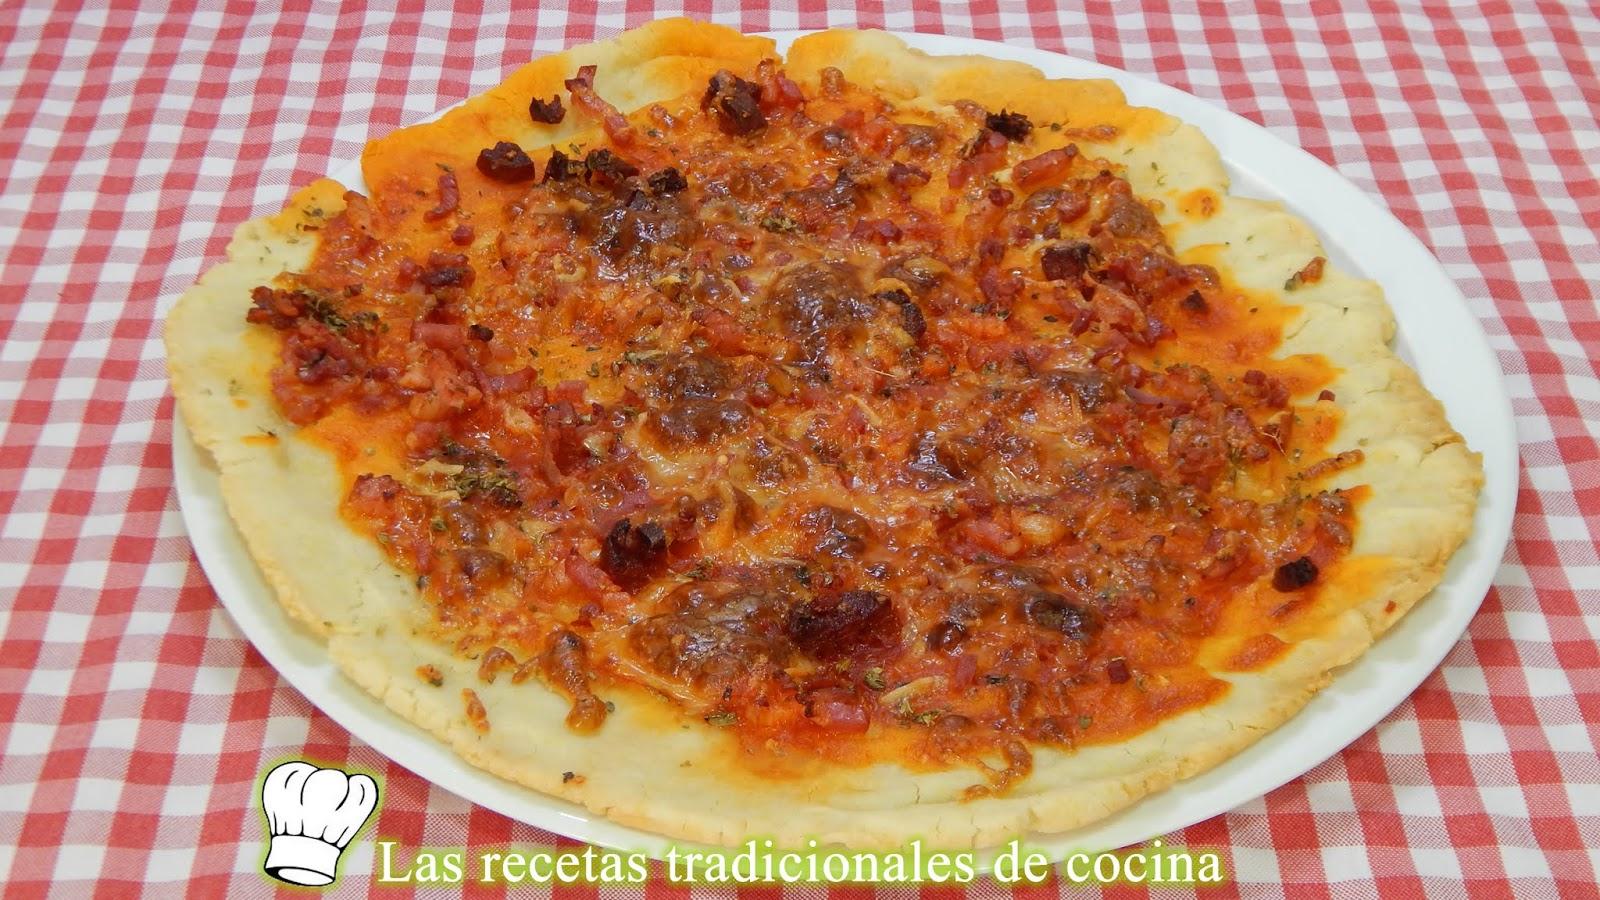 Receta Fácil Y Rápida De Pizza Sin Gluten Muy Crujiente Y Con Masa Casera